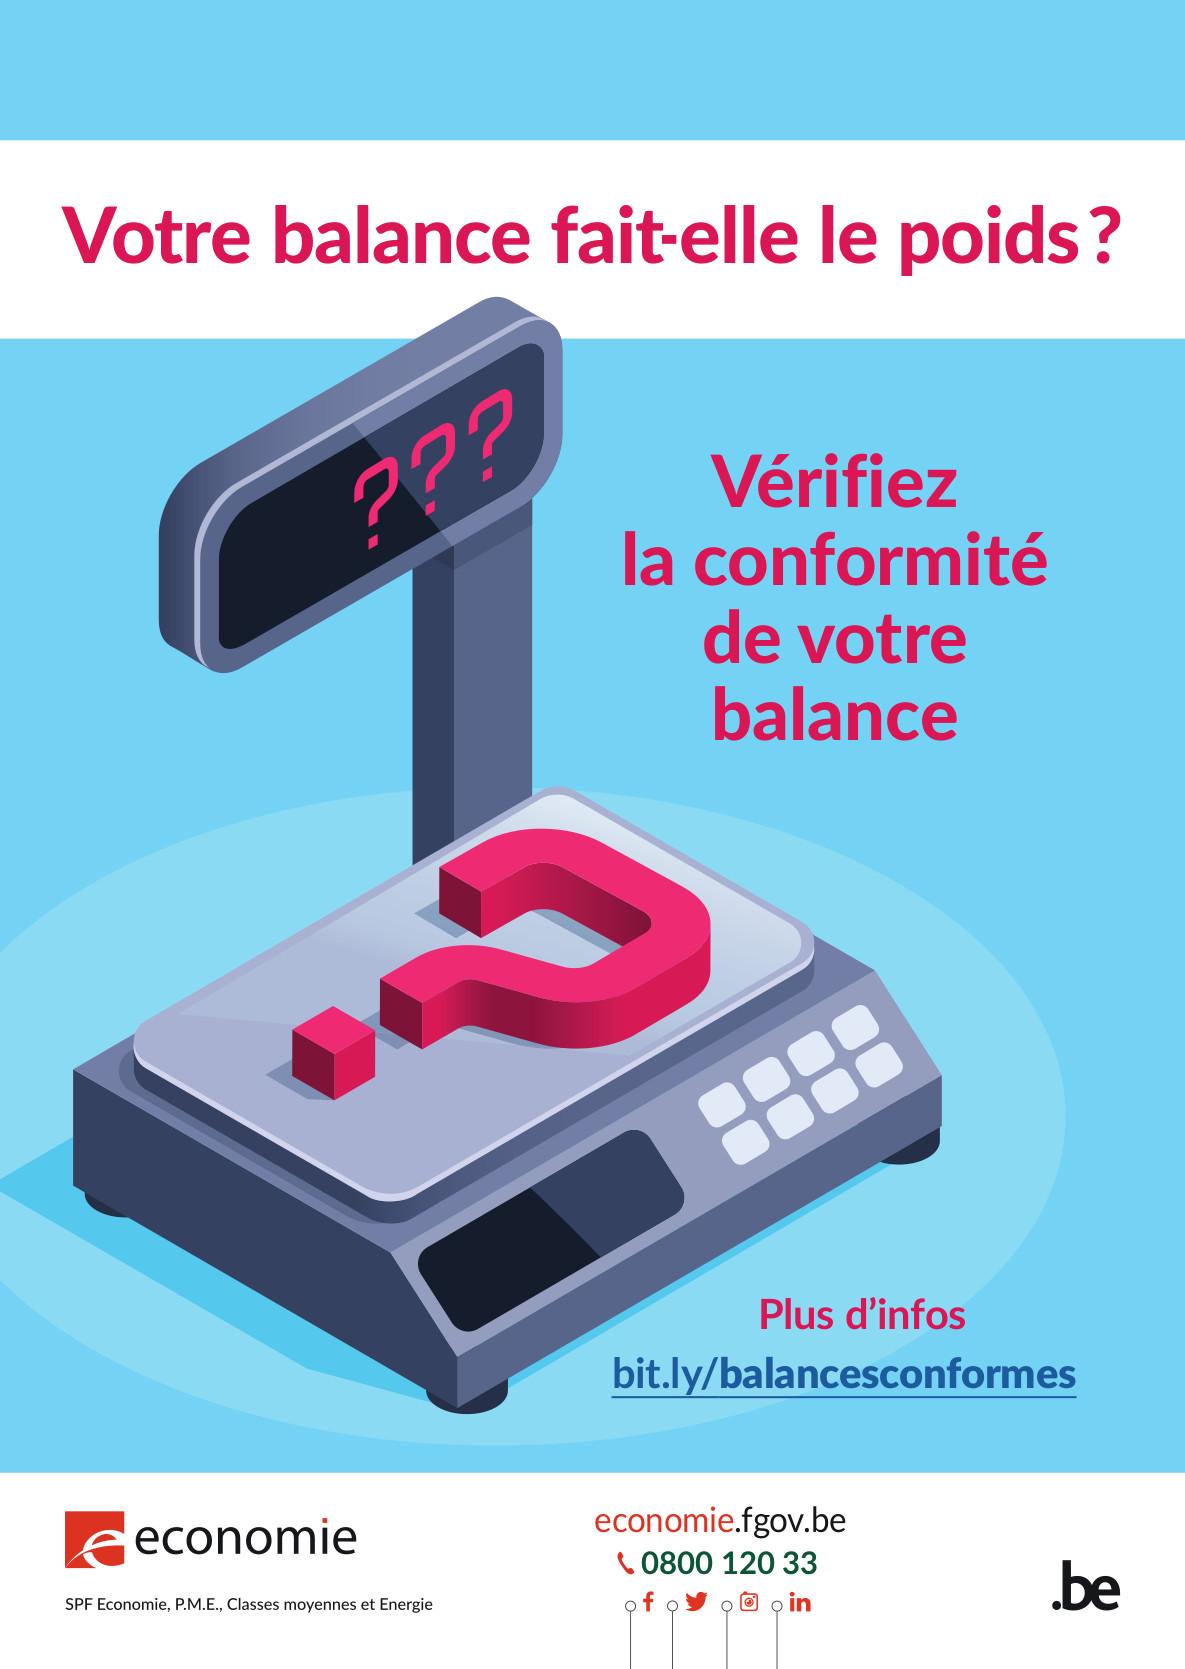 Conformité des balances à usage commercial – Ce qu'il faut savoir …